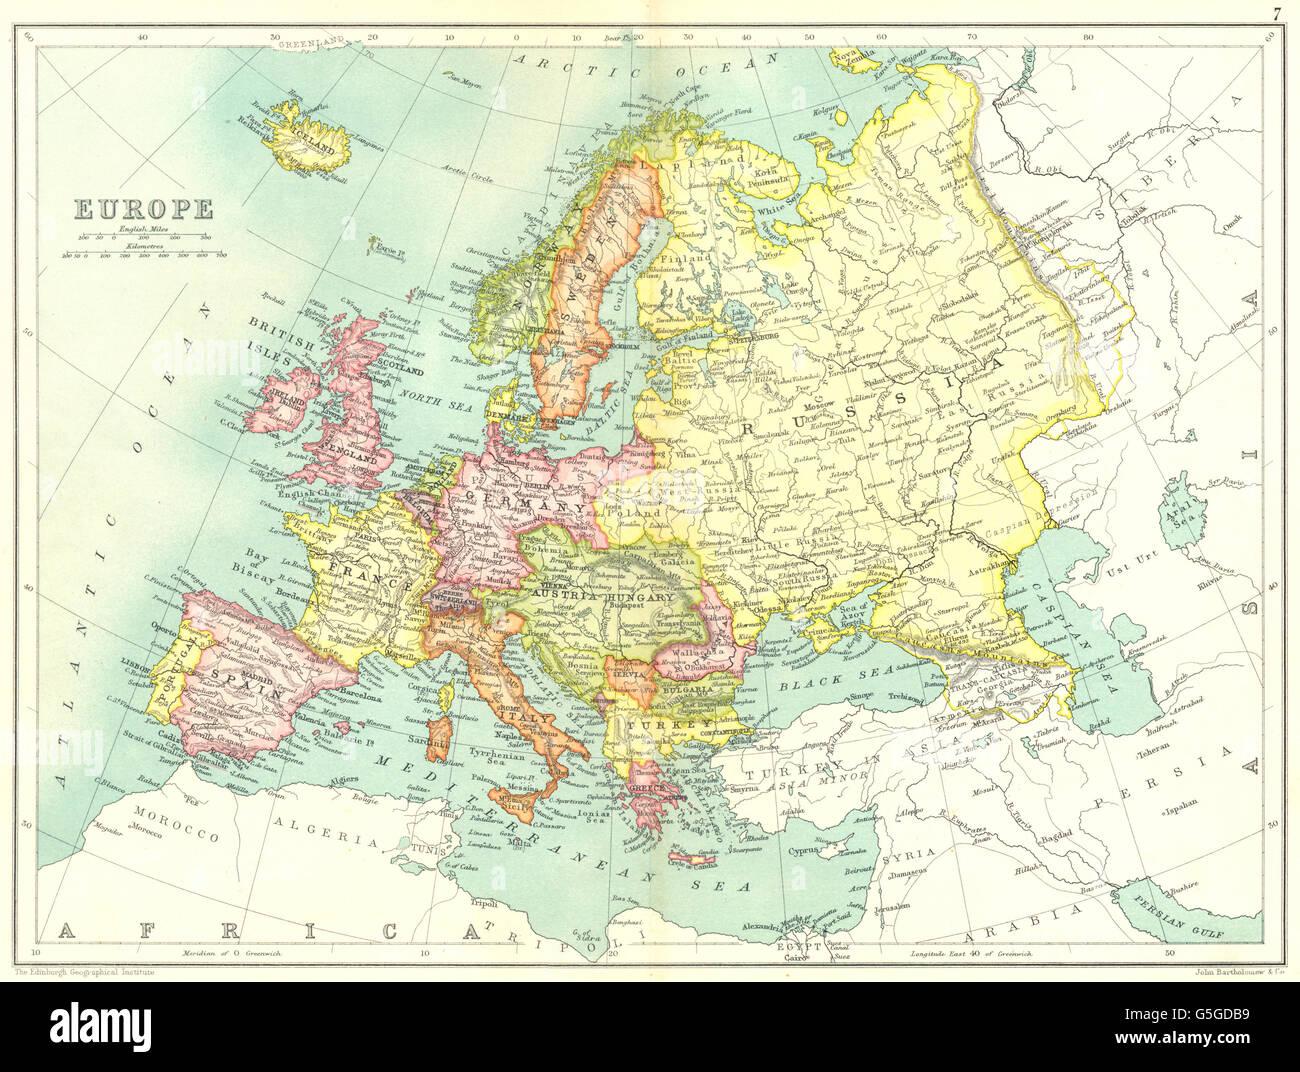 Pre Wwi Europe Map.Europe Pre Ww1 Shows Austria Hungary Turkey Servia Trans Caucasia